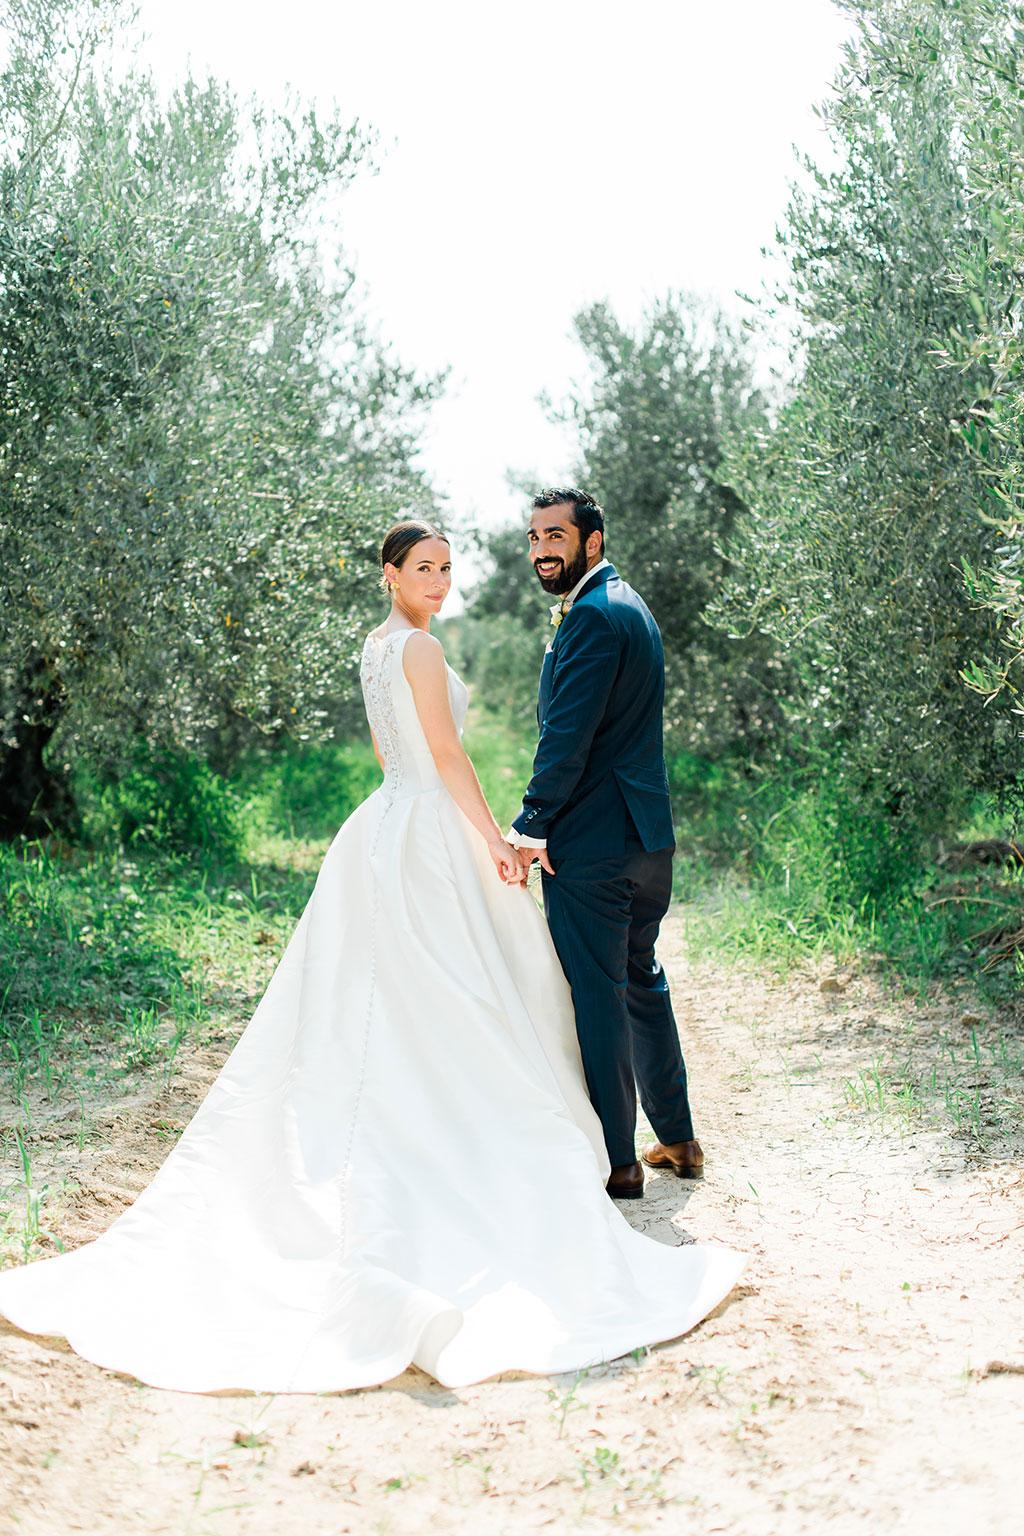 Φωτογράφος γάμου Χαλκιδική, next day φωτογράφιση ζευγαριού σε ελαιώνες